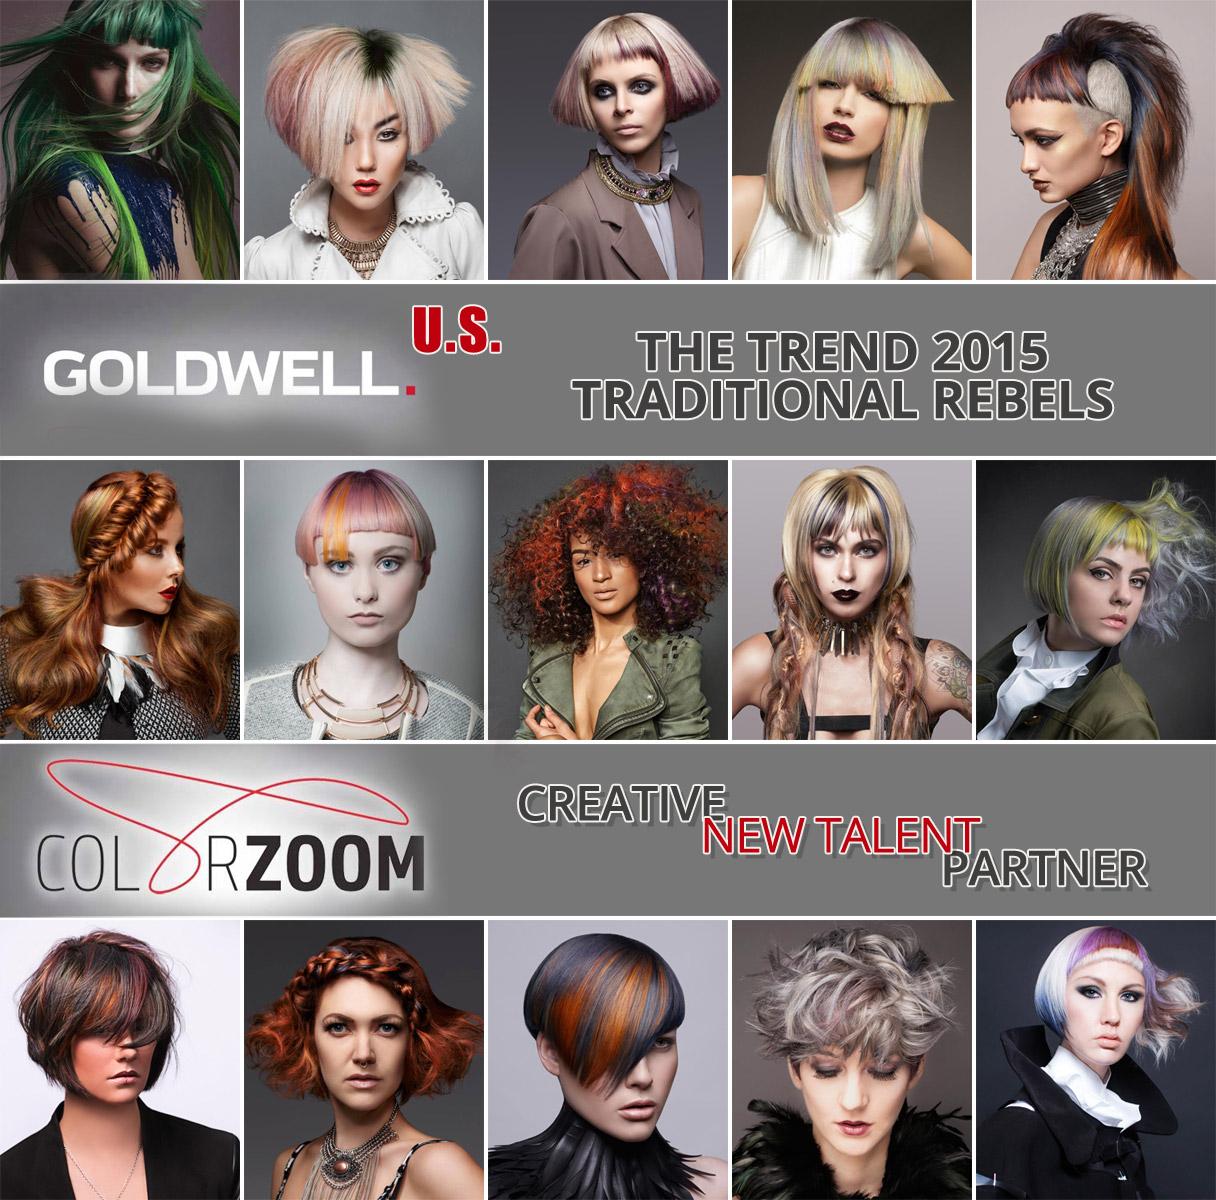 Goldwell Color Zoom 2015 U. S. – toto jsou nejlepší účesy Ameriky na téma Tradiční rebelové v jednotlivých kategoriích soutěže.